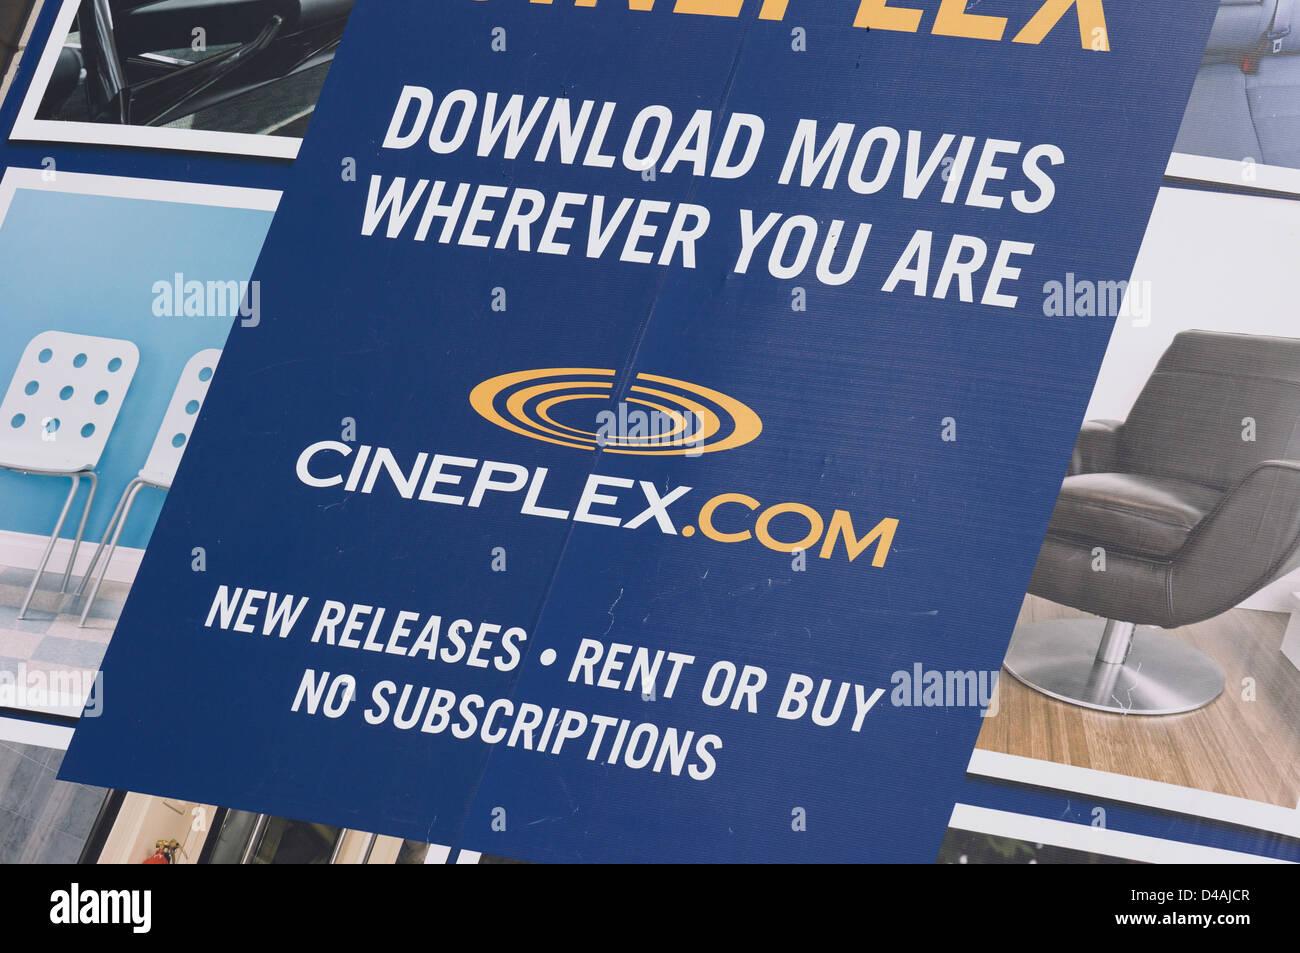 Cineplex Descargar Películas Ad closeup Imagen De Stock